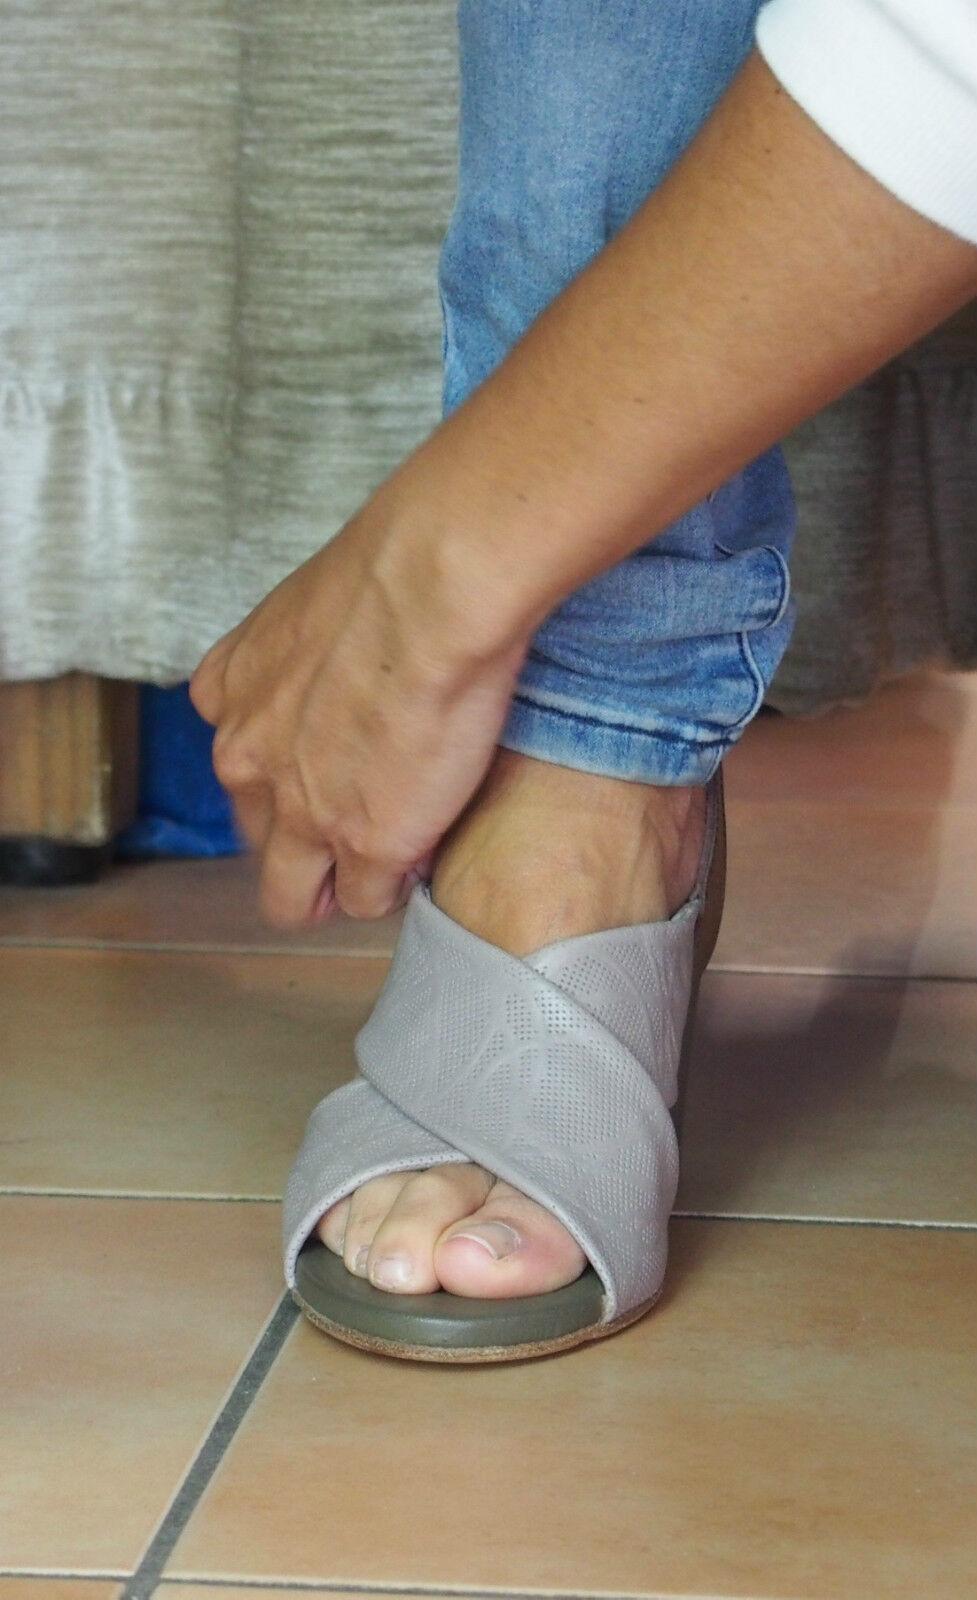 LILIMILL Schuhe ALASKA grau 5741 stone Pumps Echtleder DamenSandaleeen NEU SALE